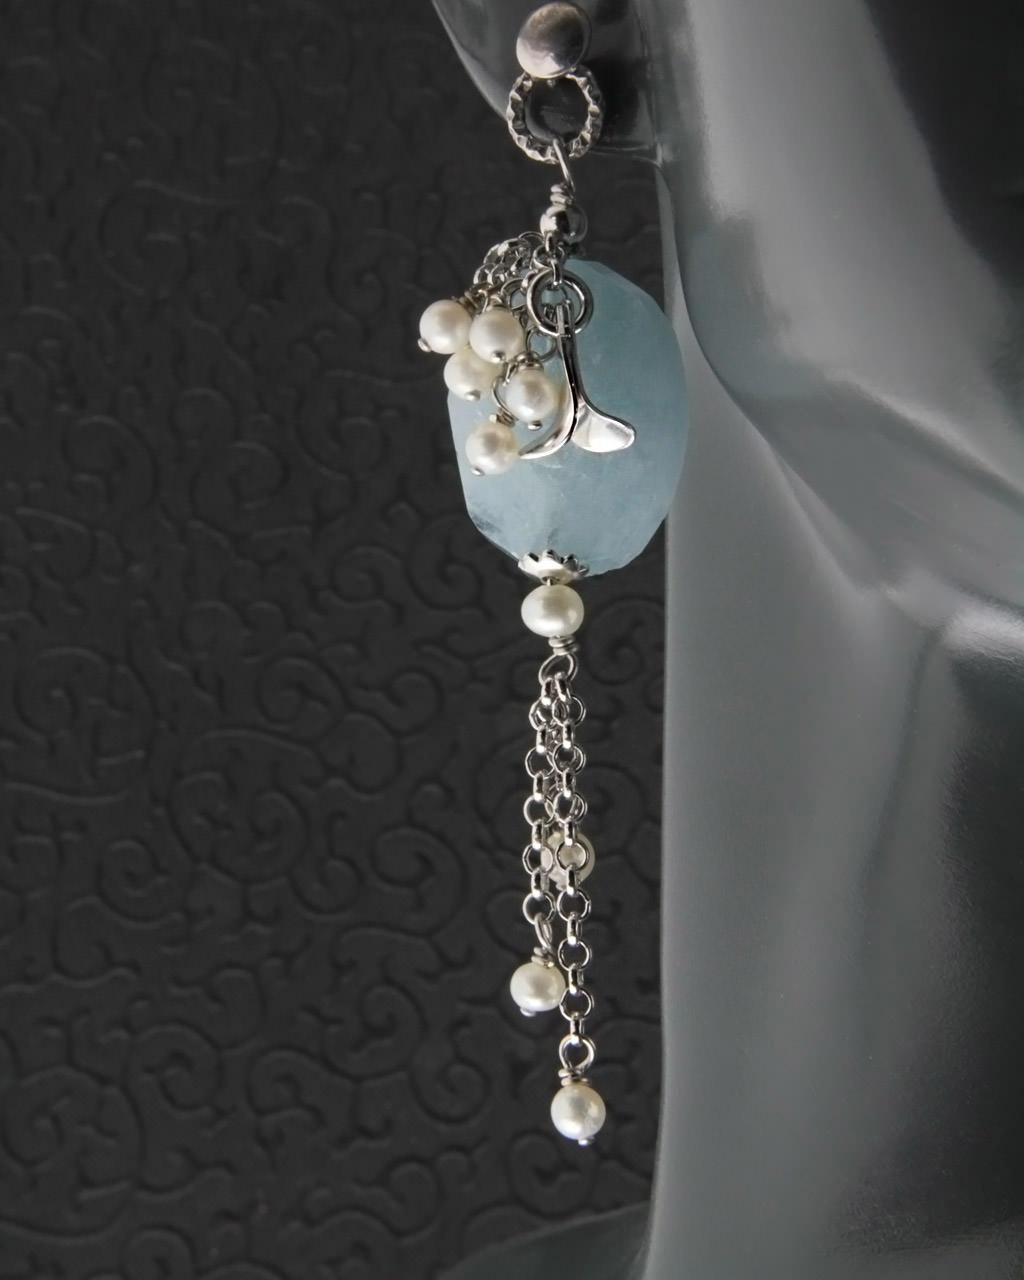 Σκουλαρίκια ασημένια με Μαργαριτάρια & Blueberry   γυναικα σκουλαρίκια σκουλαρίκια ασημένια